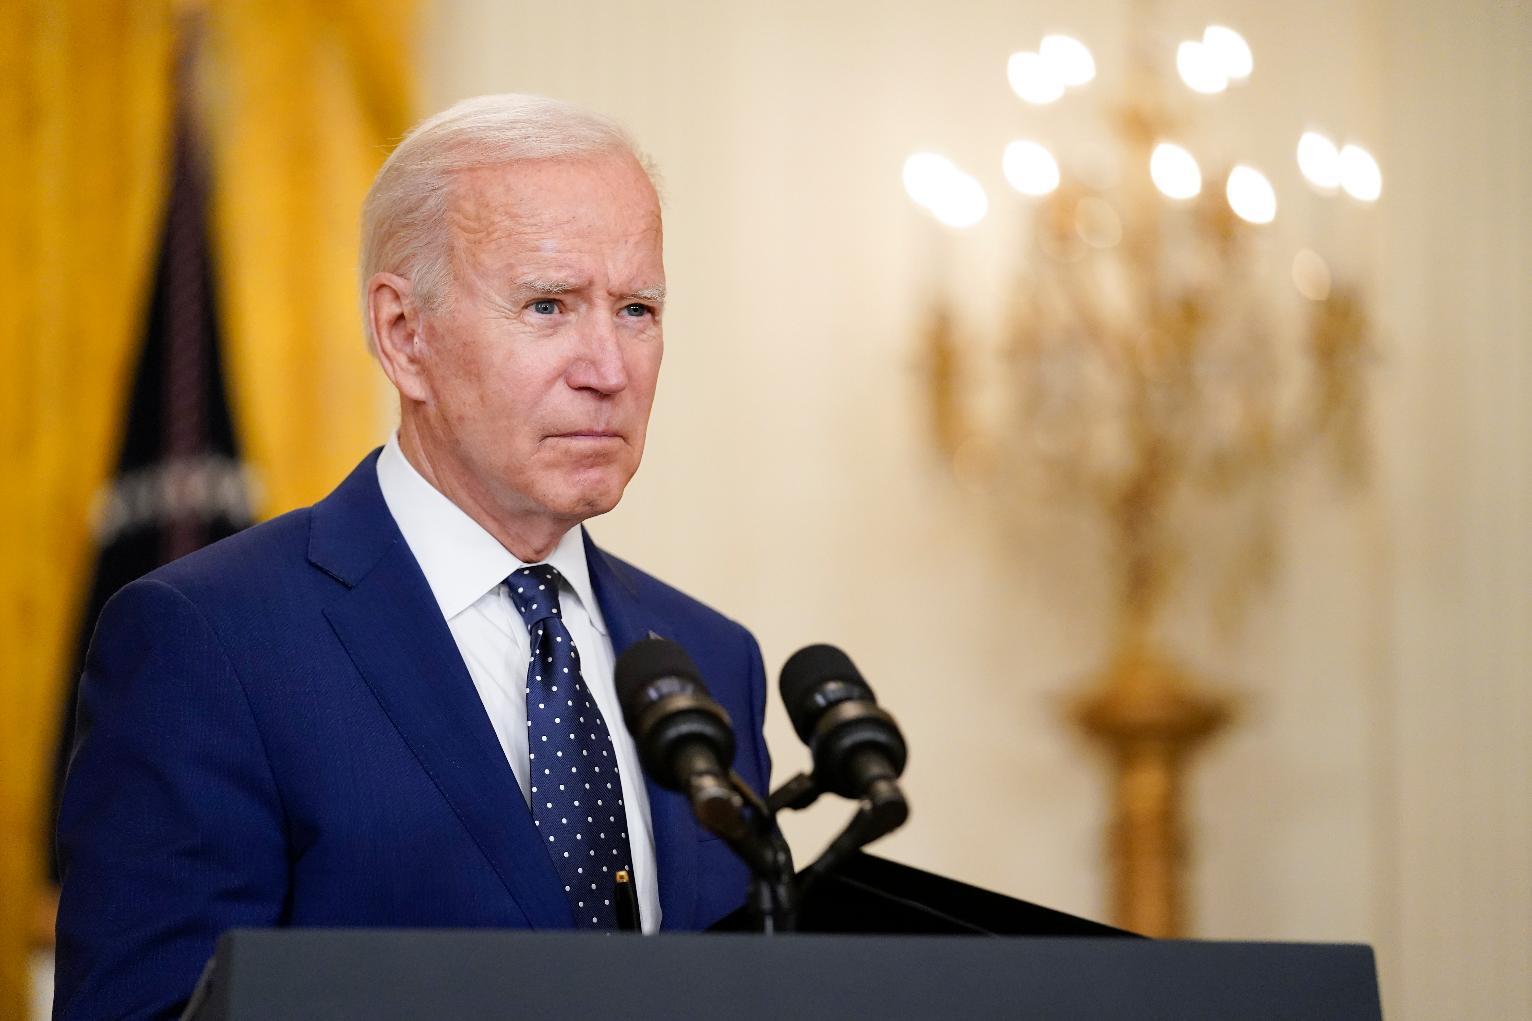 Ông Joe Biden trở thành Tổng thống Mỹ đầu tiên thừa nhận vụ diệt chủng người Armenia Ảnh 1